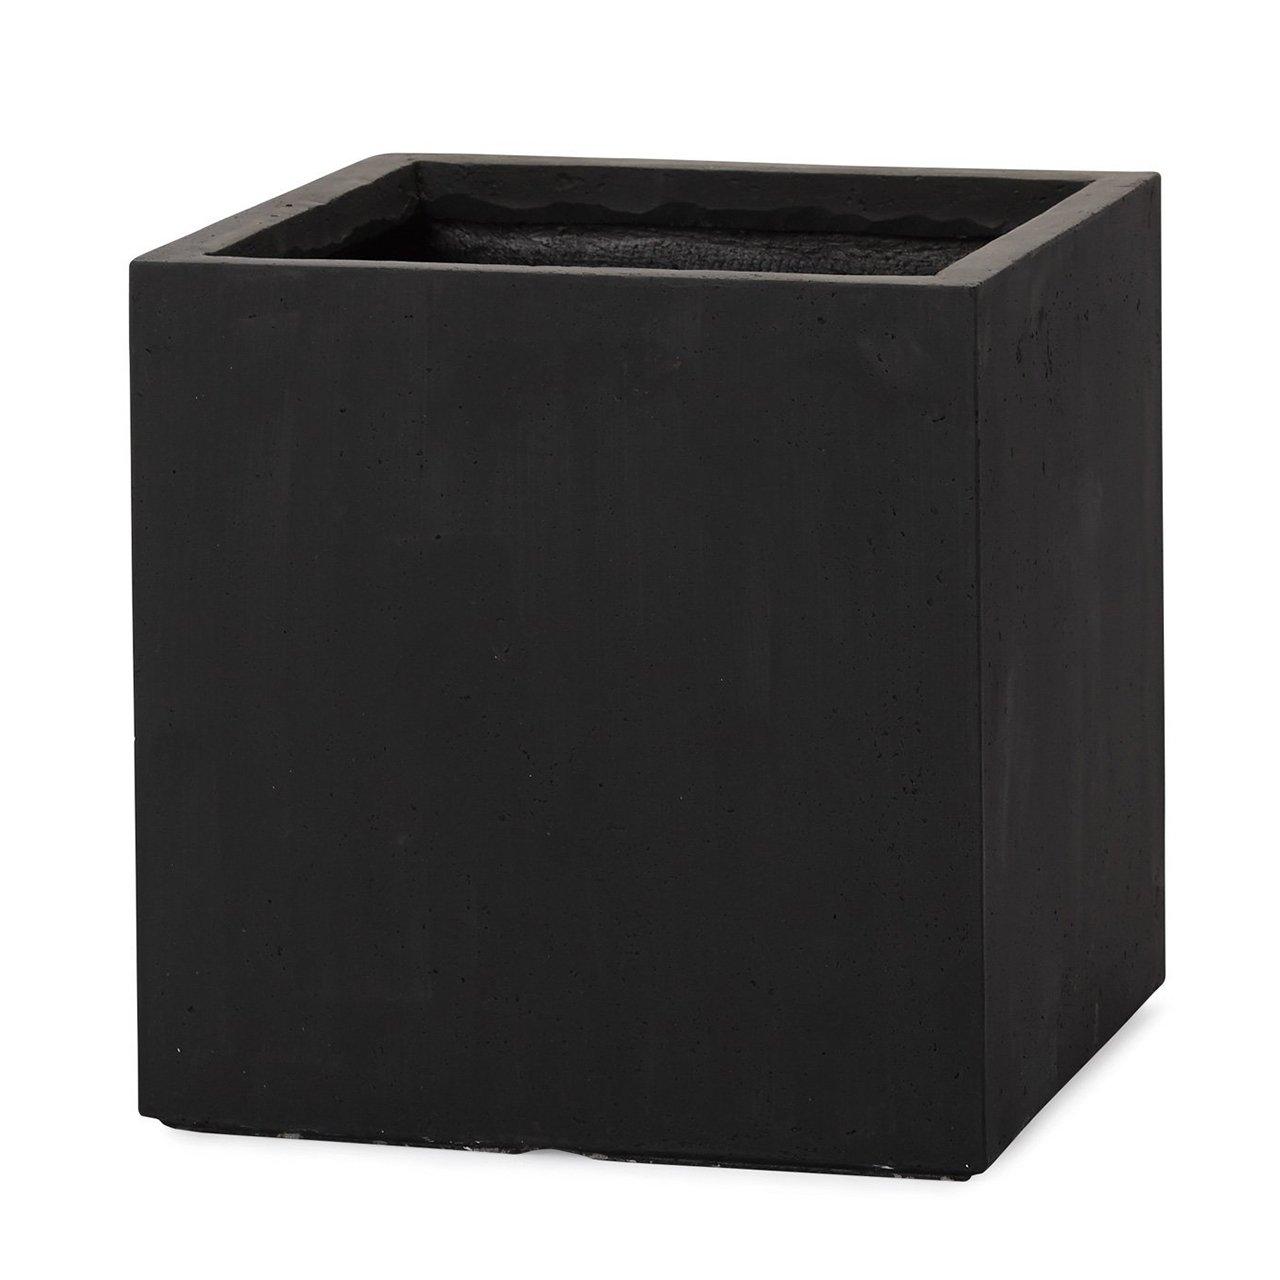 植木鉢 大型 ファイバークレイプロ ベータ キューブプランター 55 ブラック B00LSB0ILQ 55 ブラック ブラック 55